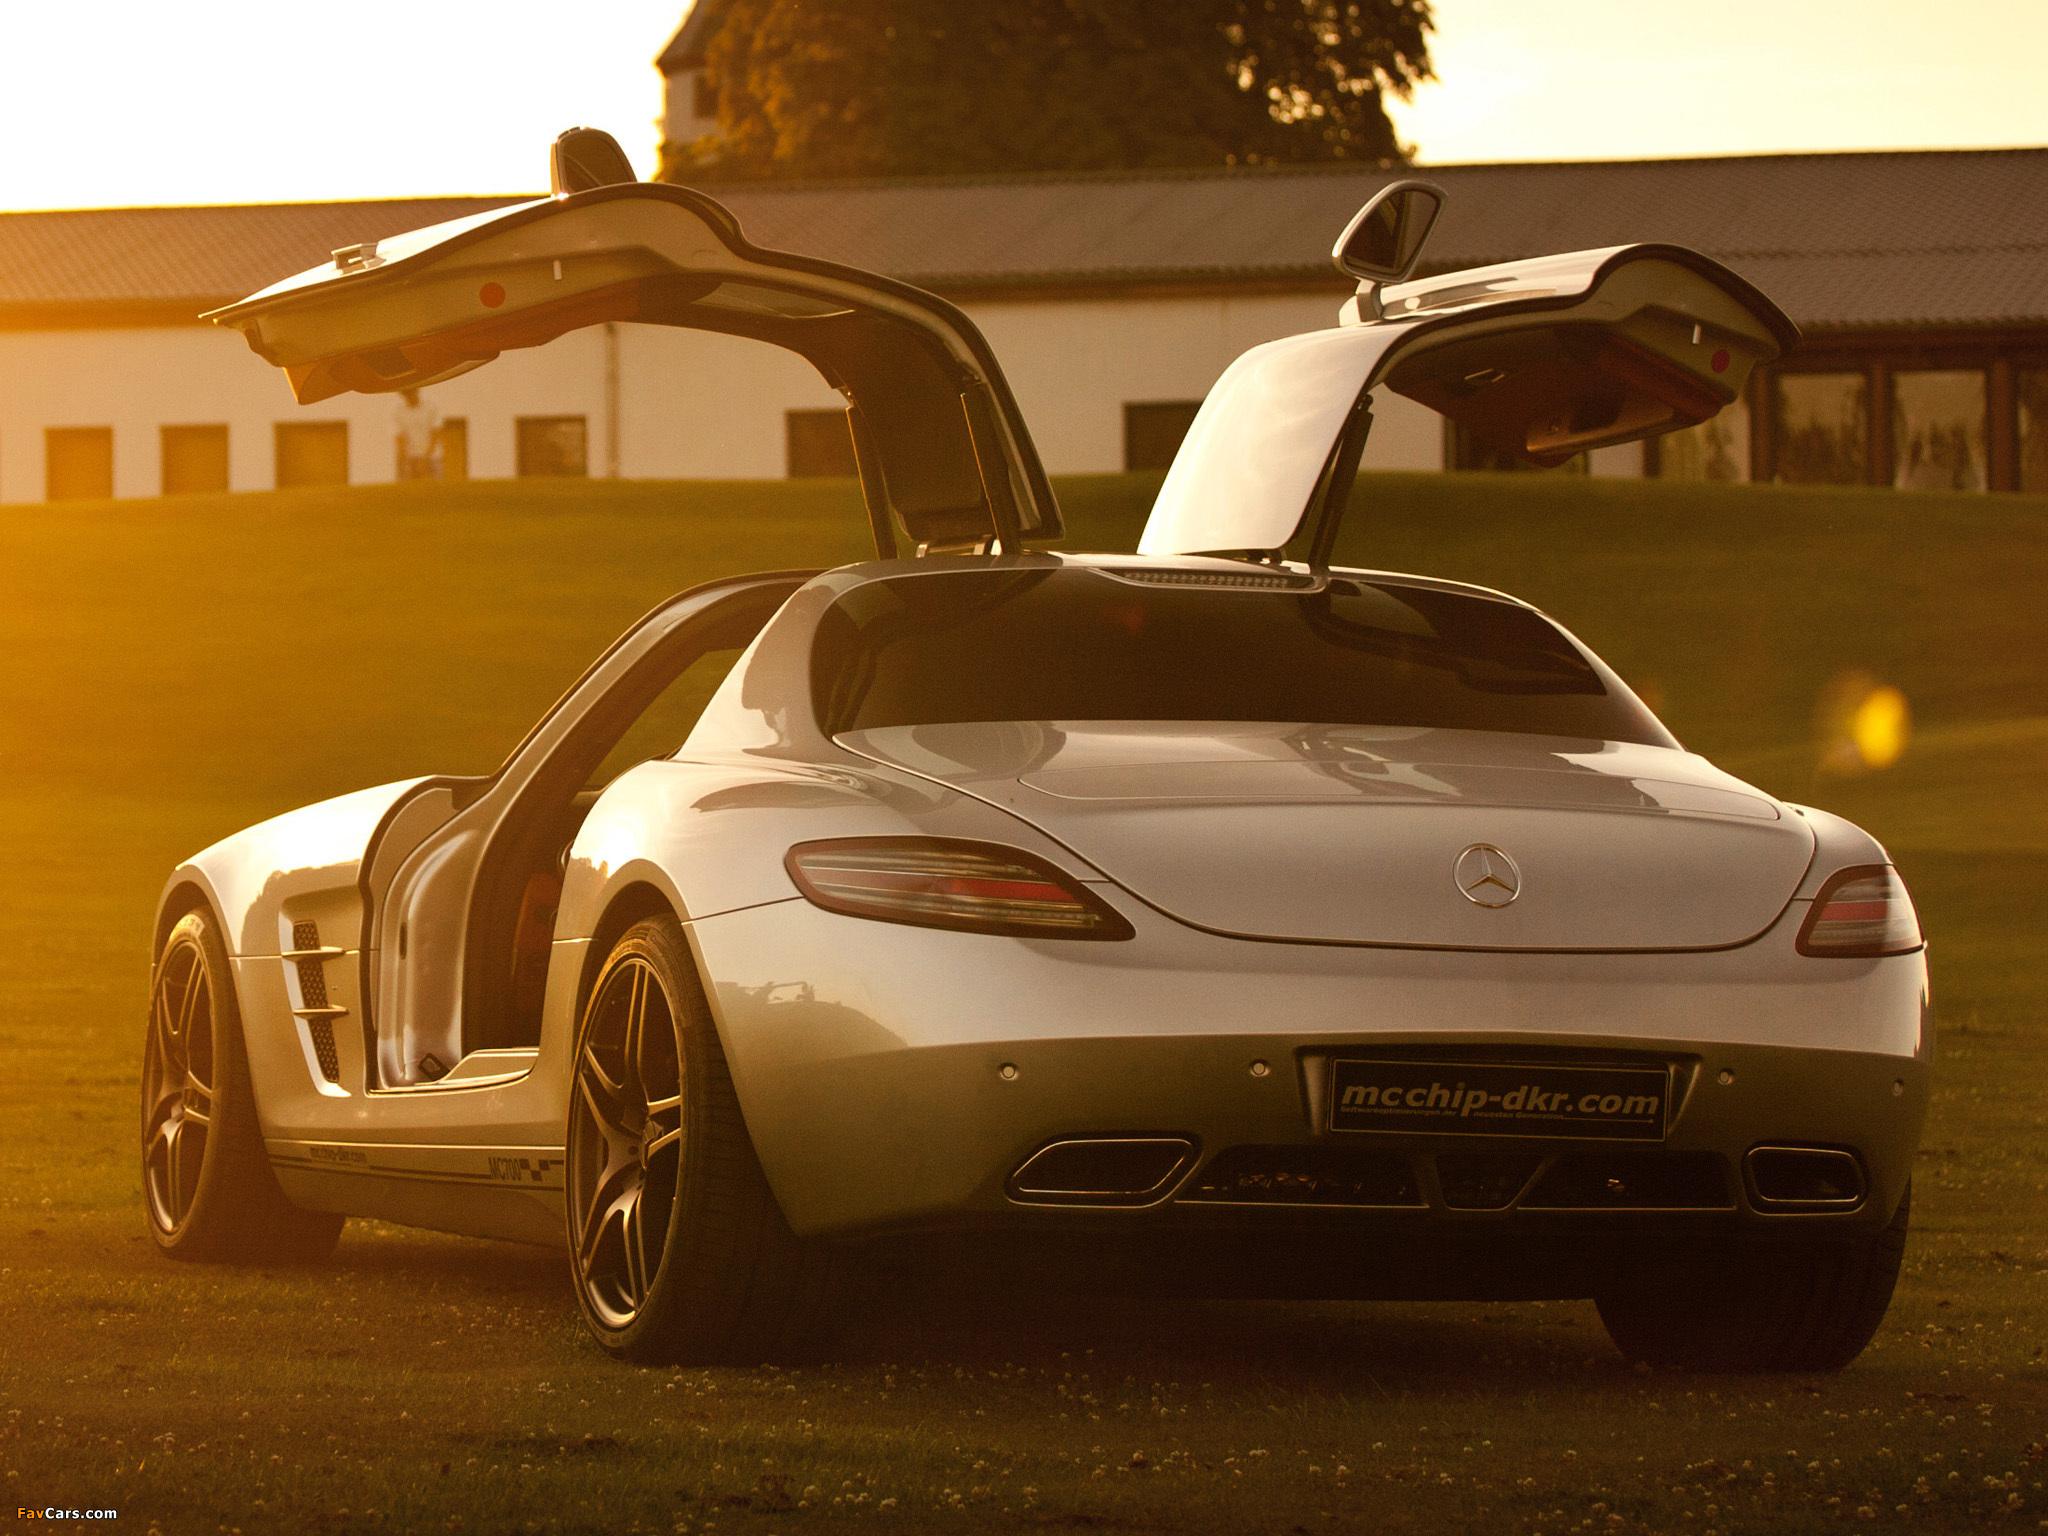 Mcchip-DKR Mercedes-Benz SLS 63 AMG MC 700 (C197) 2012 photos (2048 x 1536)